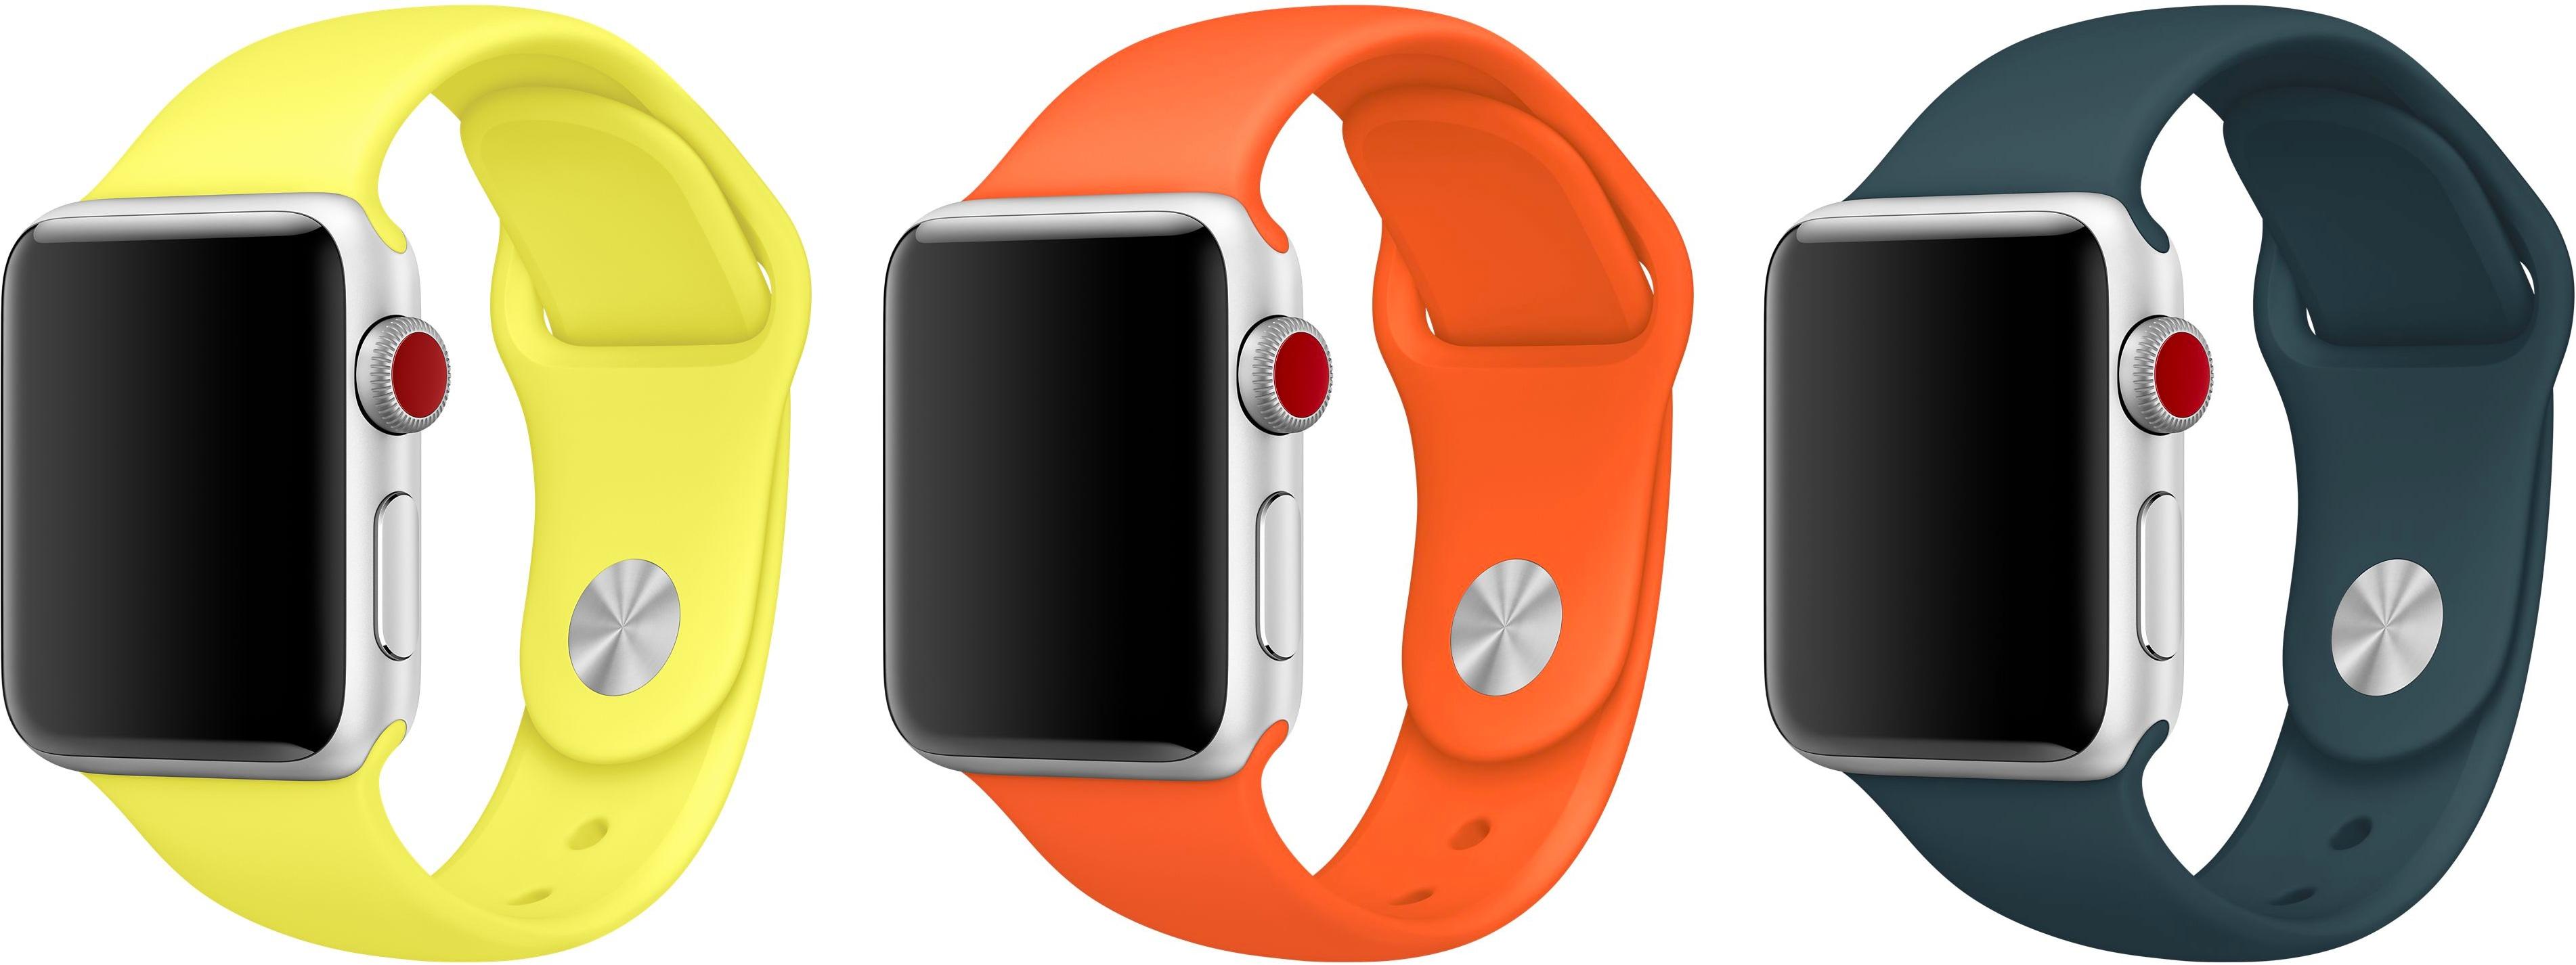 Novas cores de pulseiras pro Apple Watch